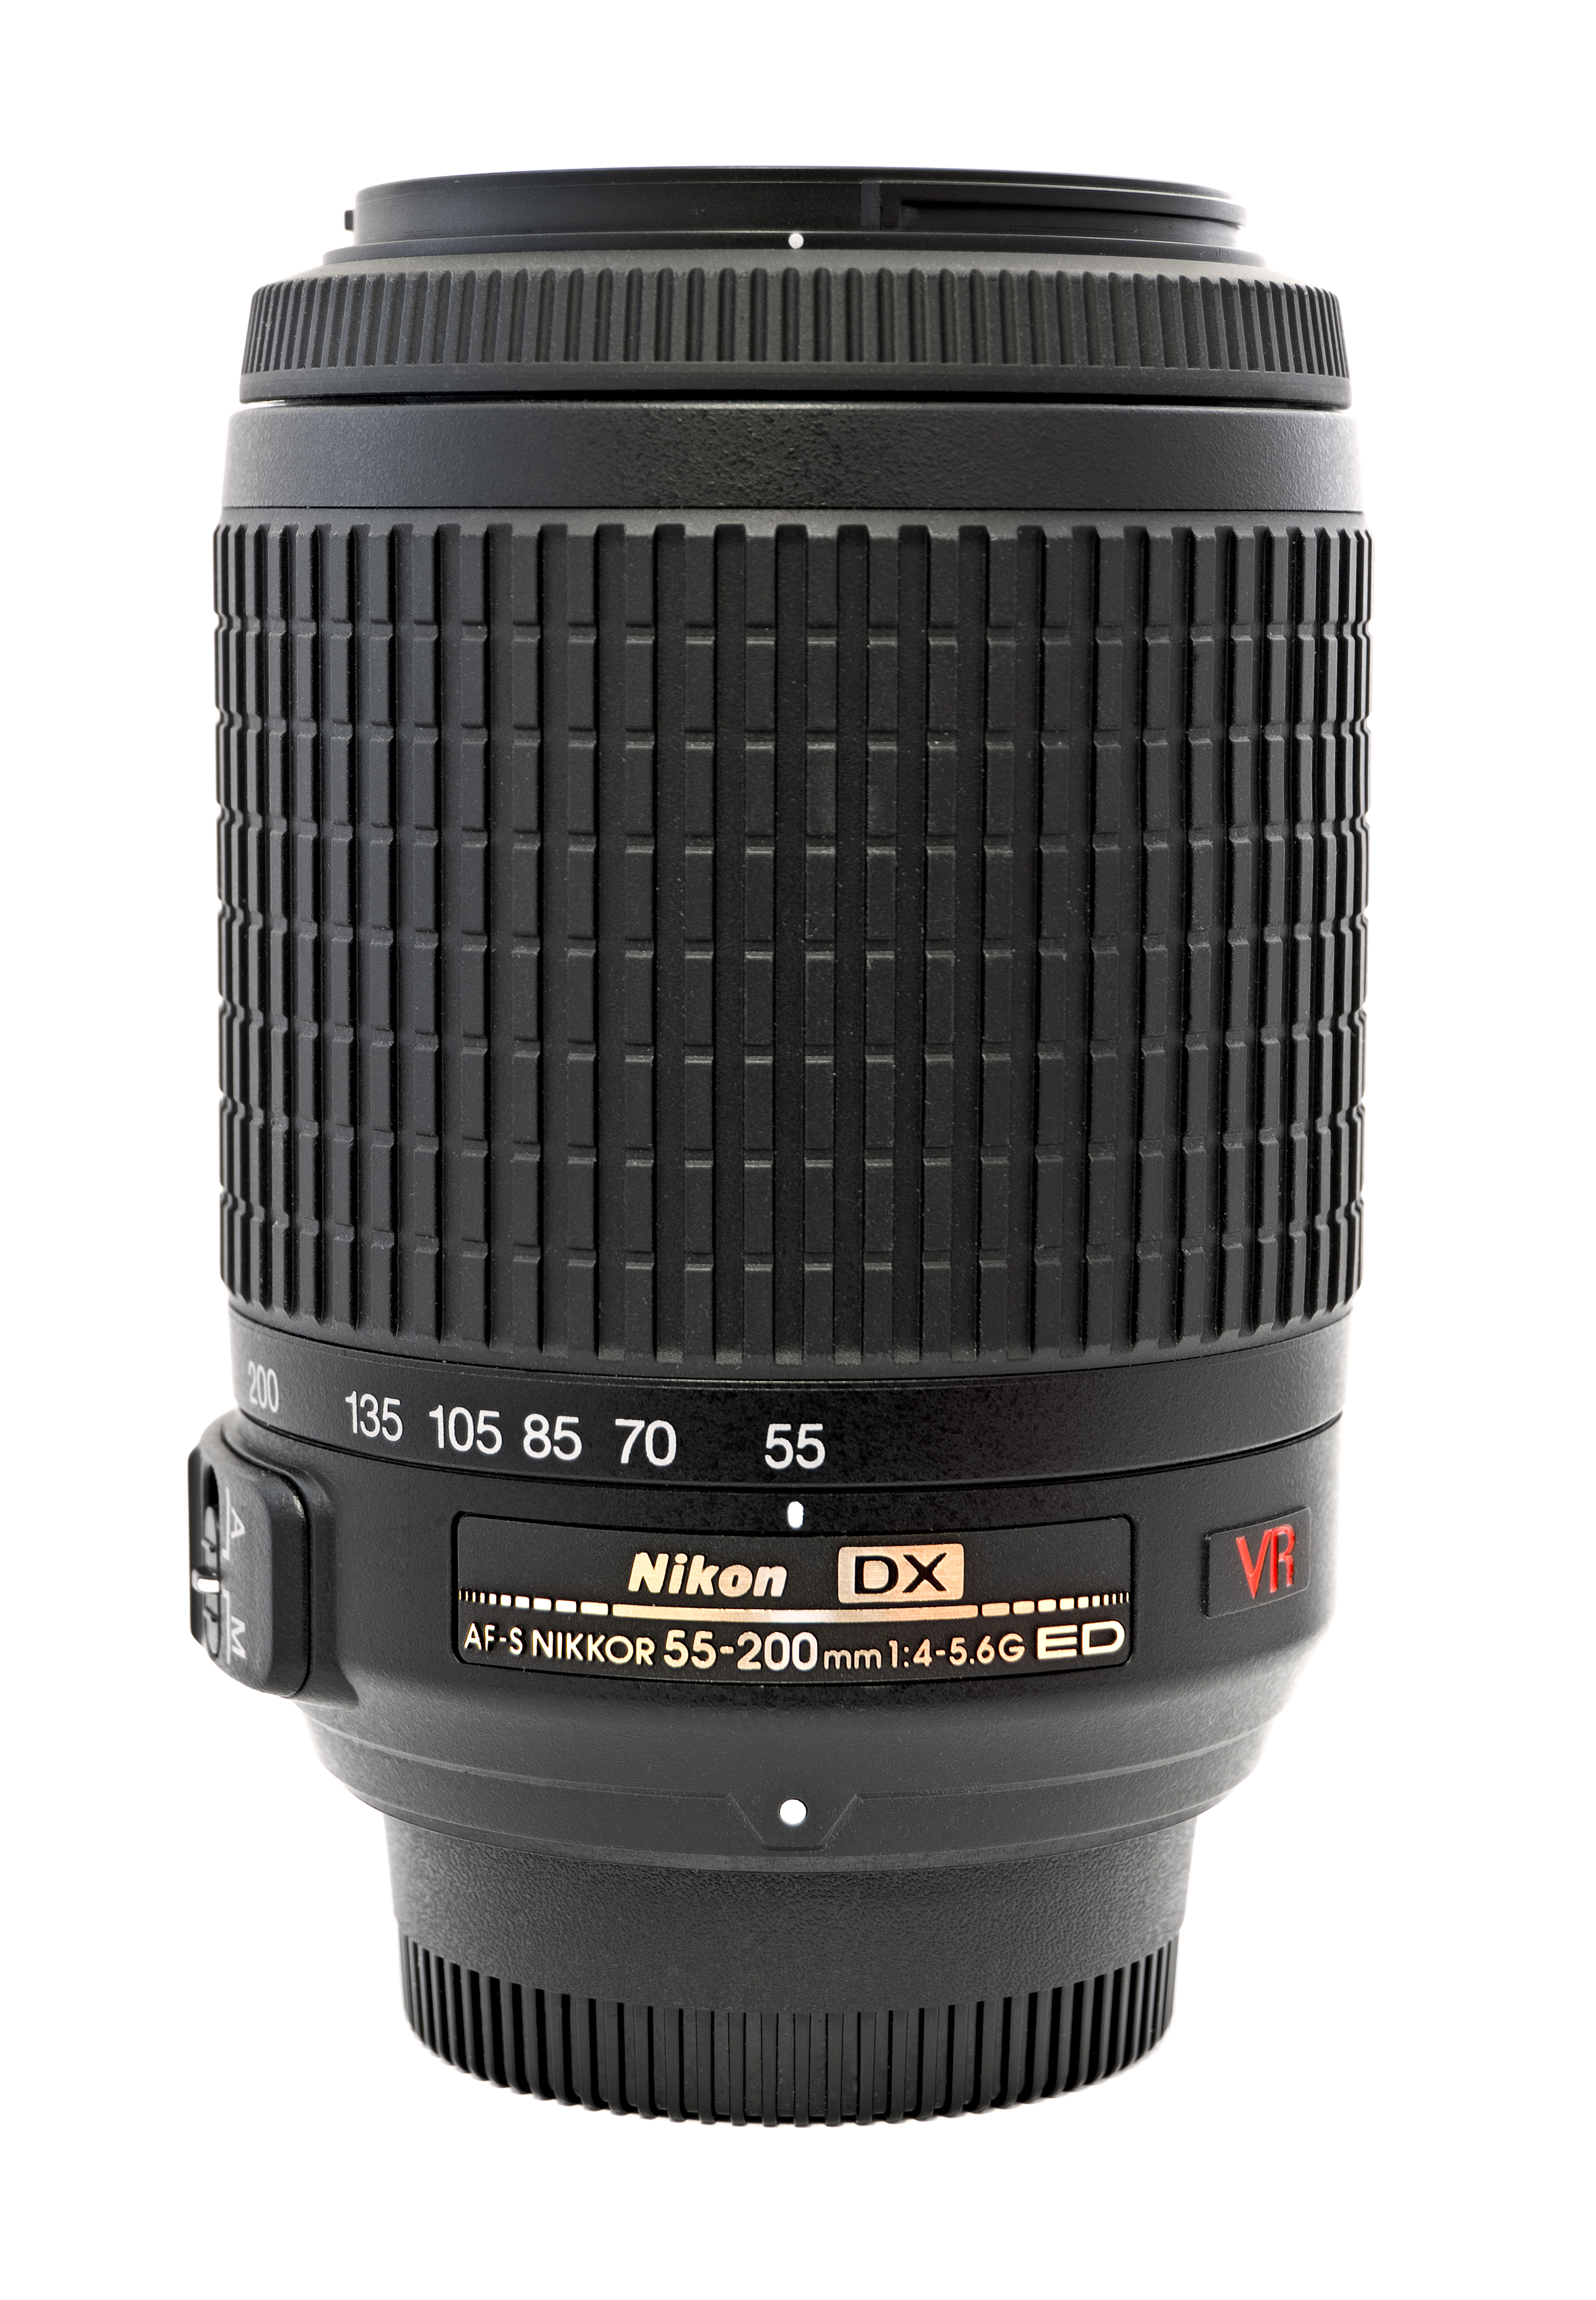 File:Nikon DX AF-S 55-200mm VR.jpg